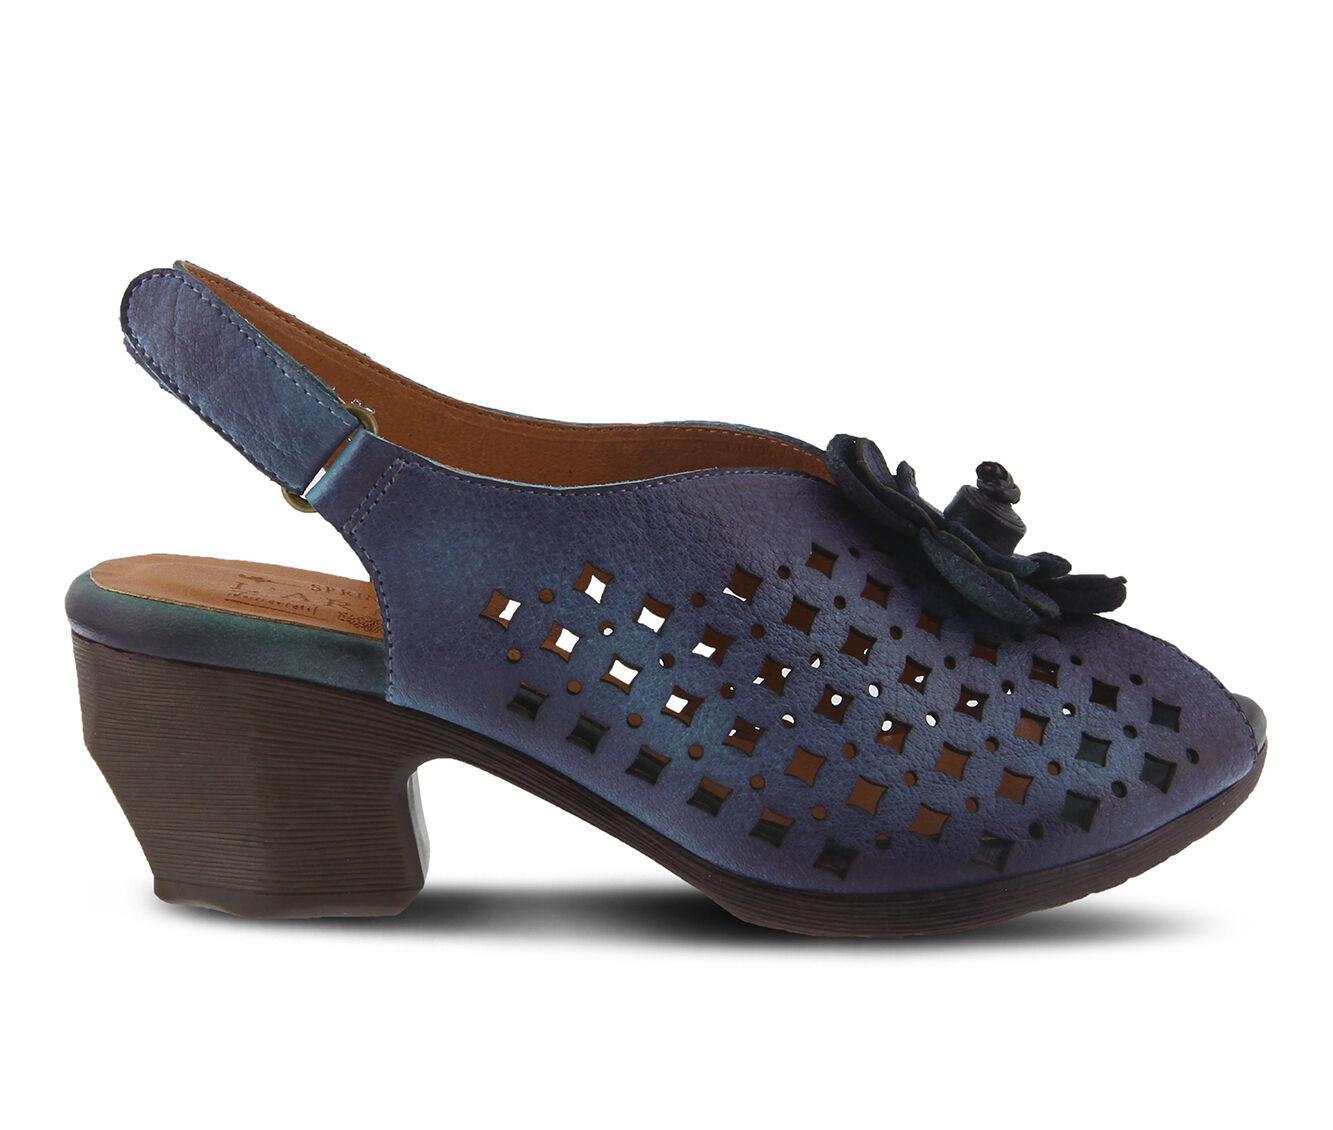 Specials Offer Women's L'ARTISTE Lovella Dress Sandals Blue Multi